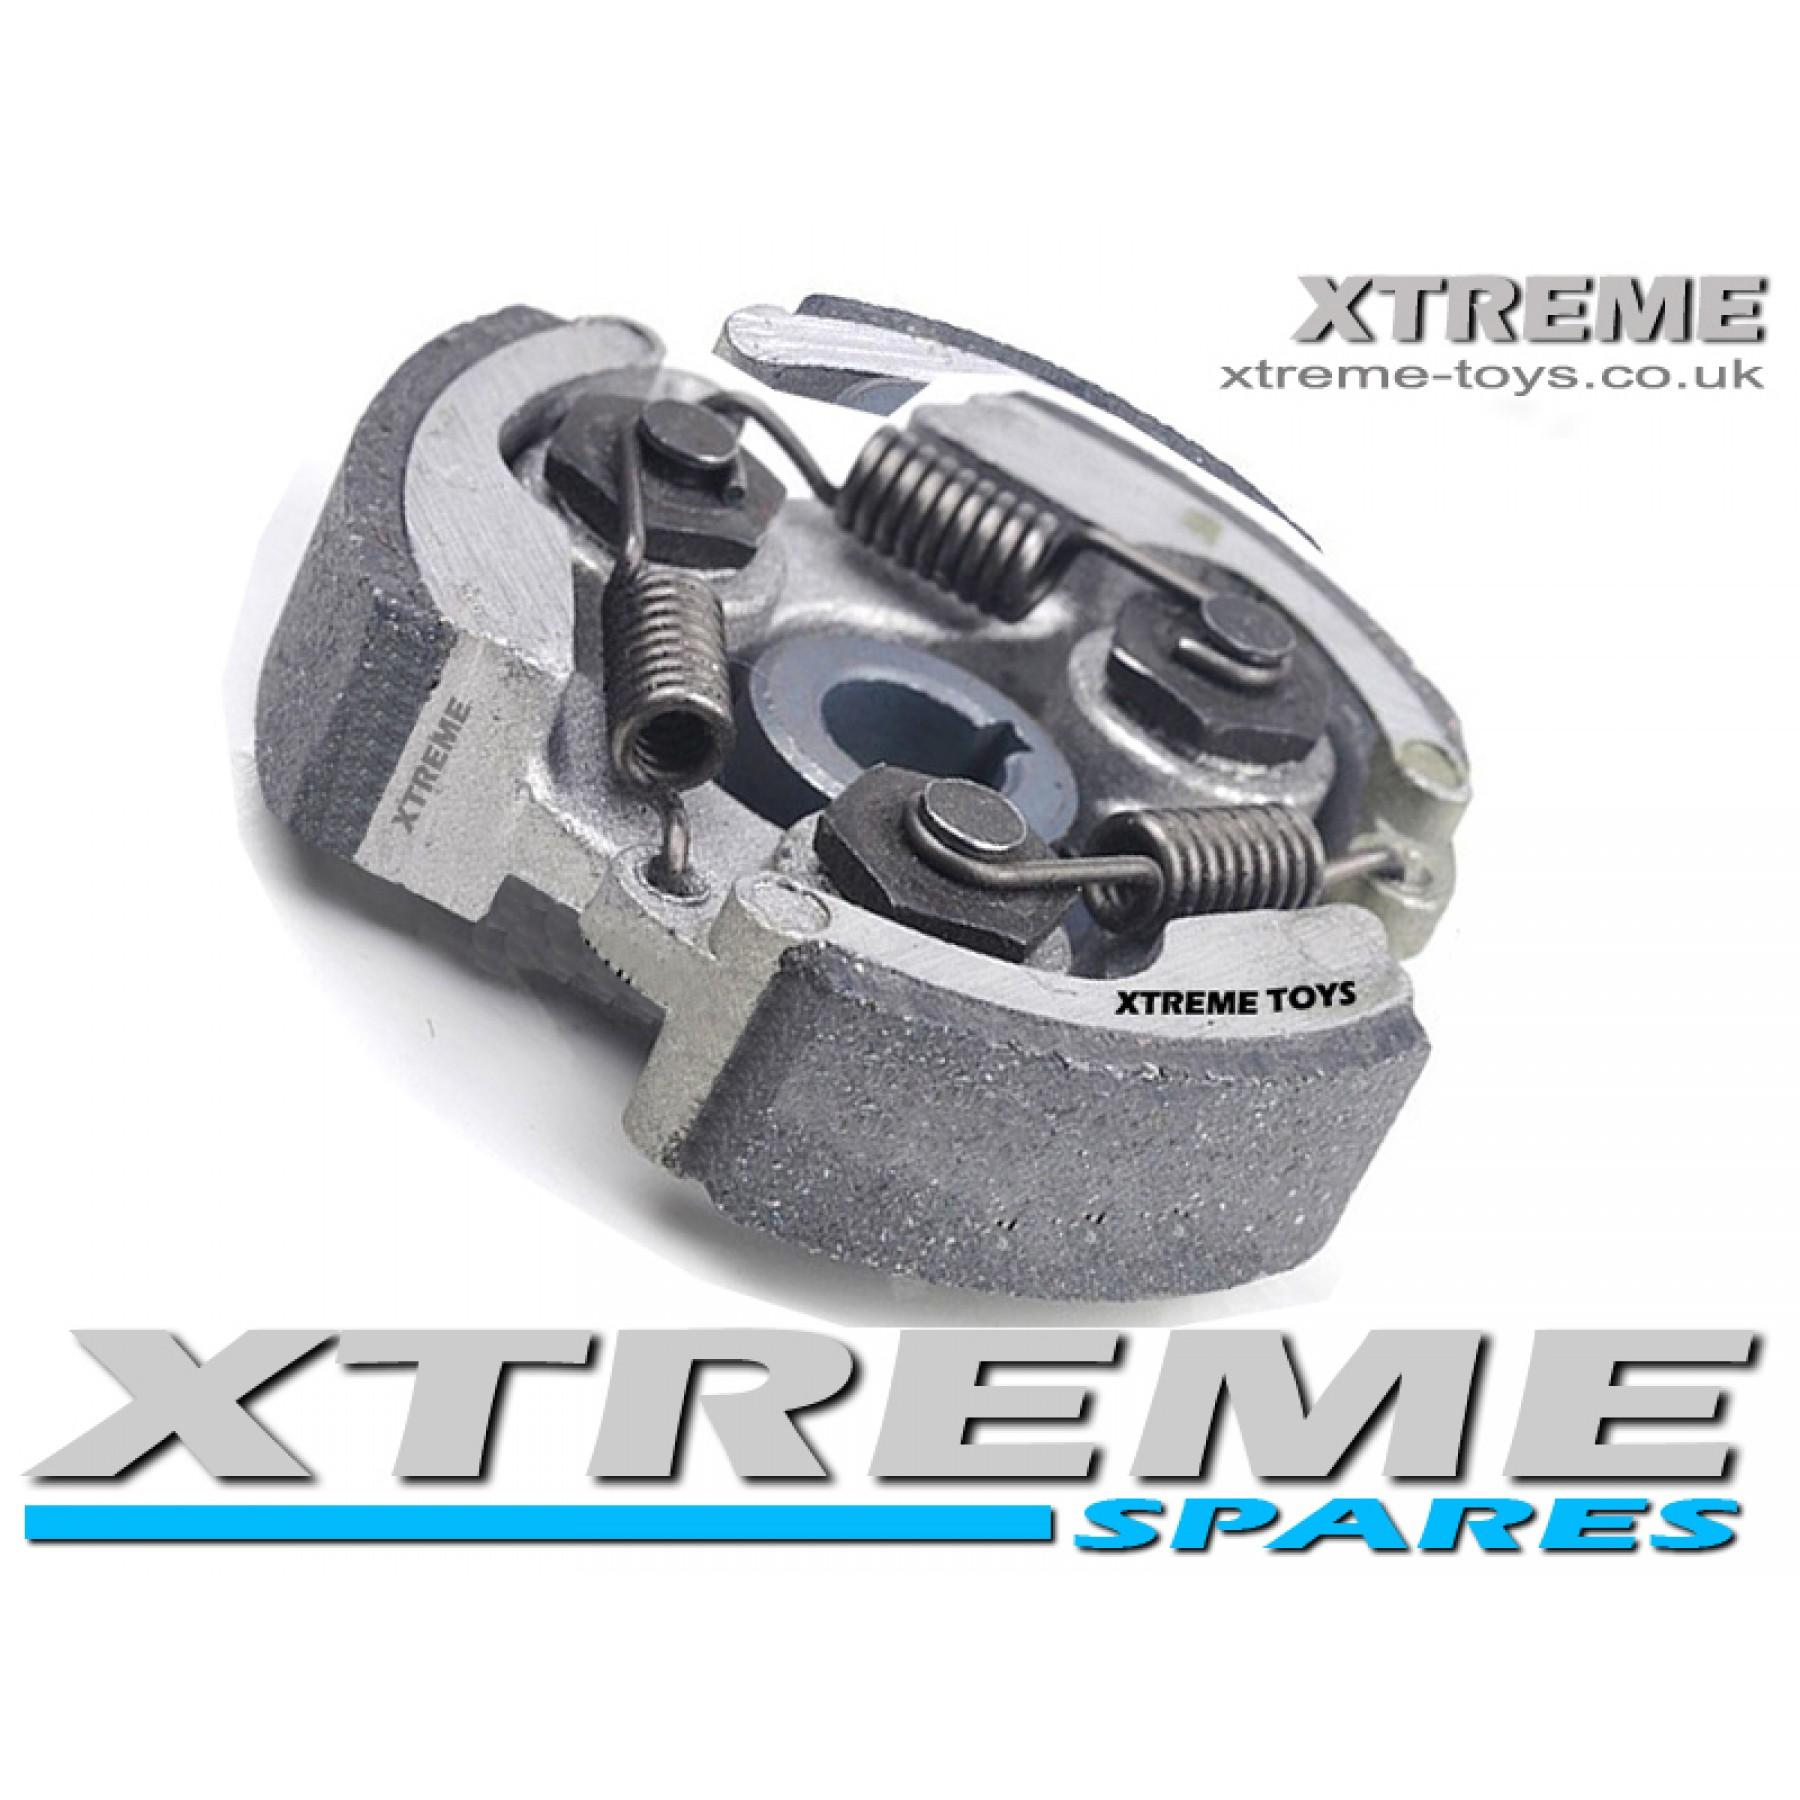 MINI BIKE / DIRT BIKE / MOTO / SCRAMBLER CLUTCH 49 - 50cc CRX